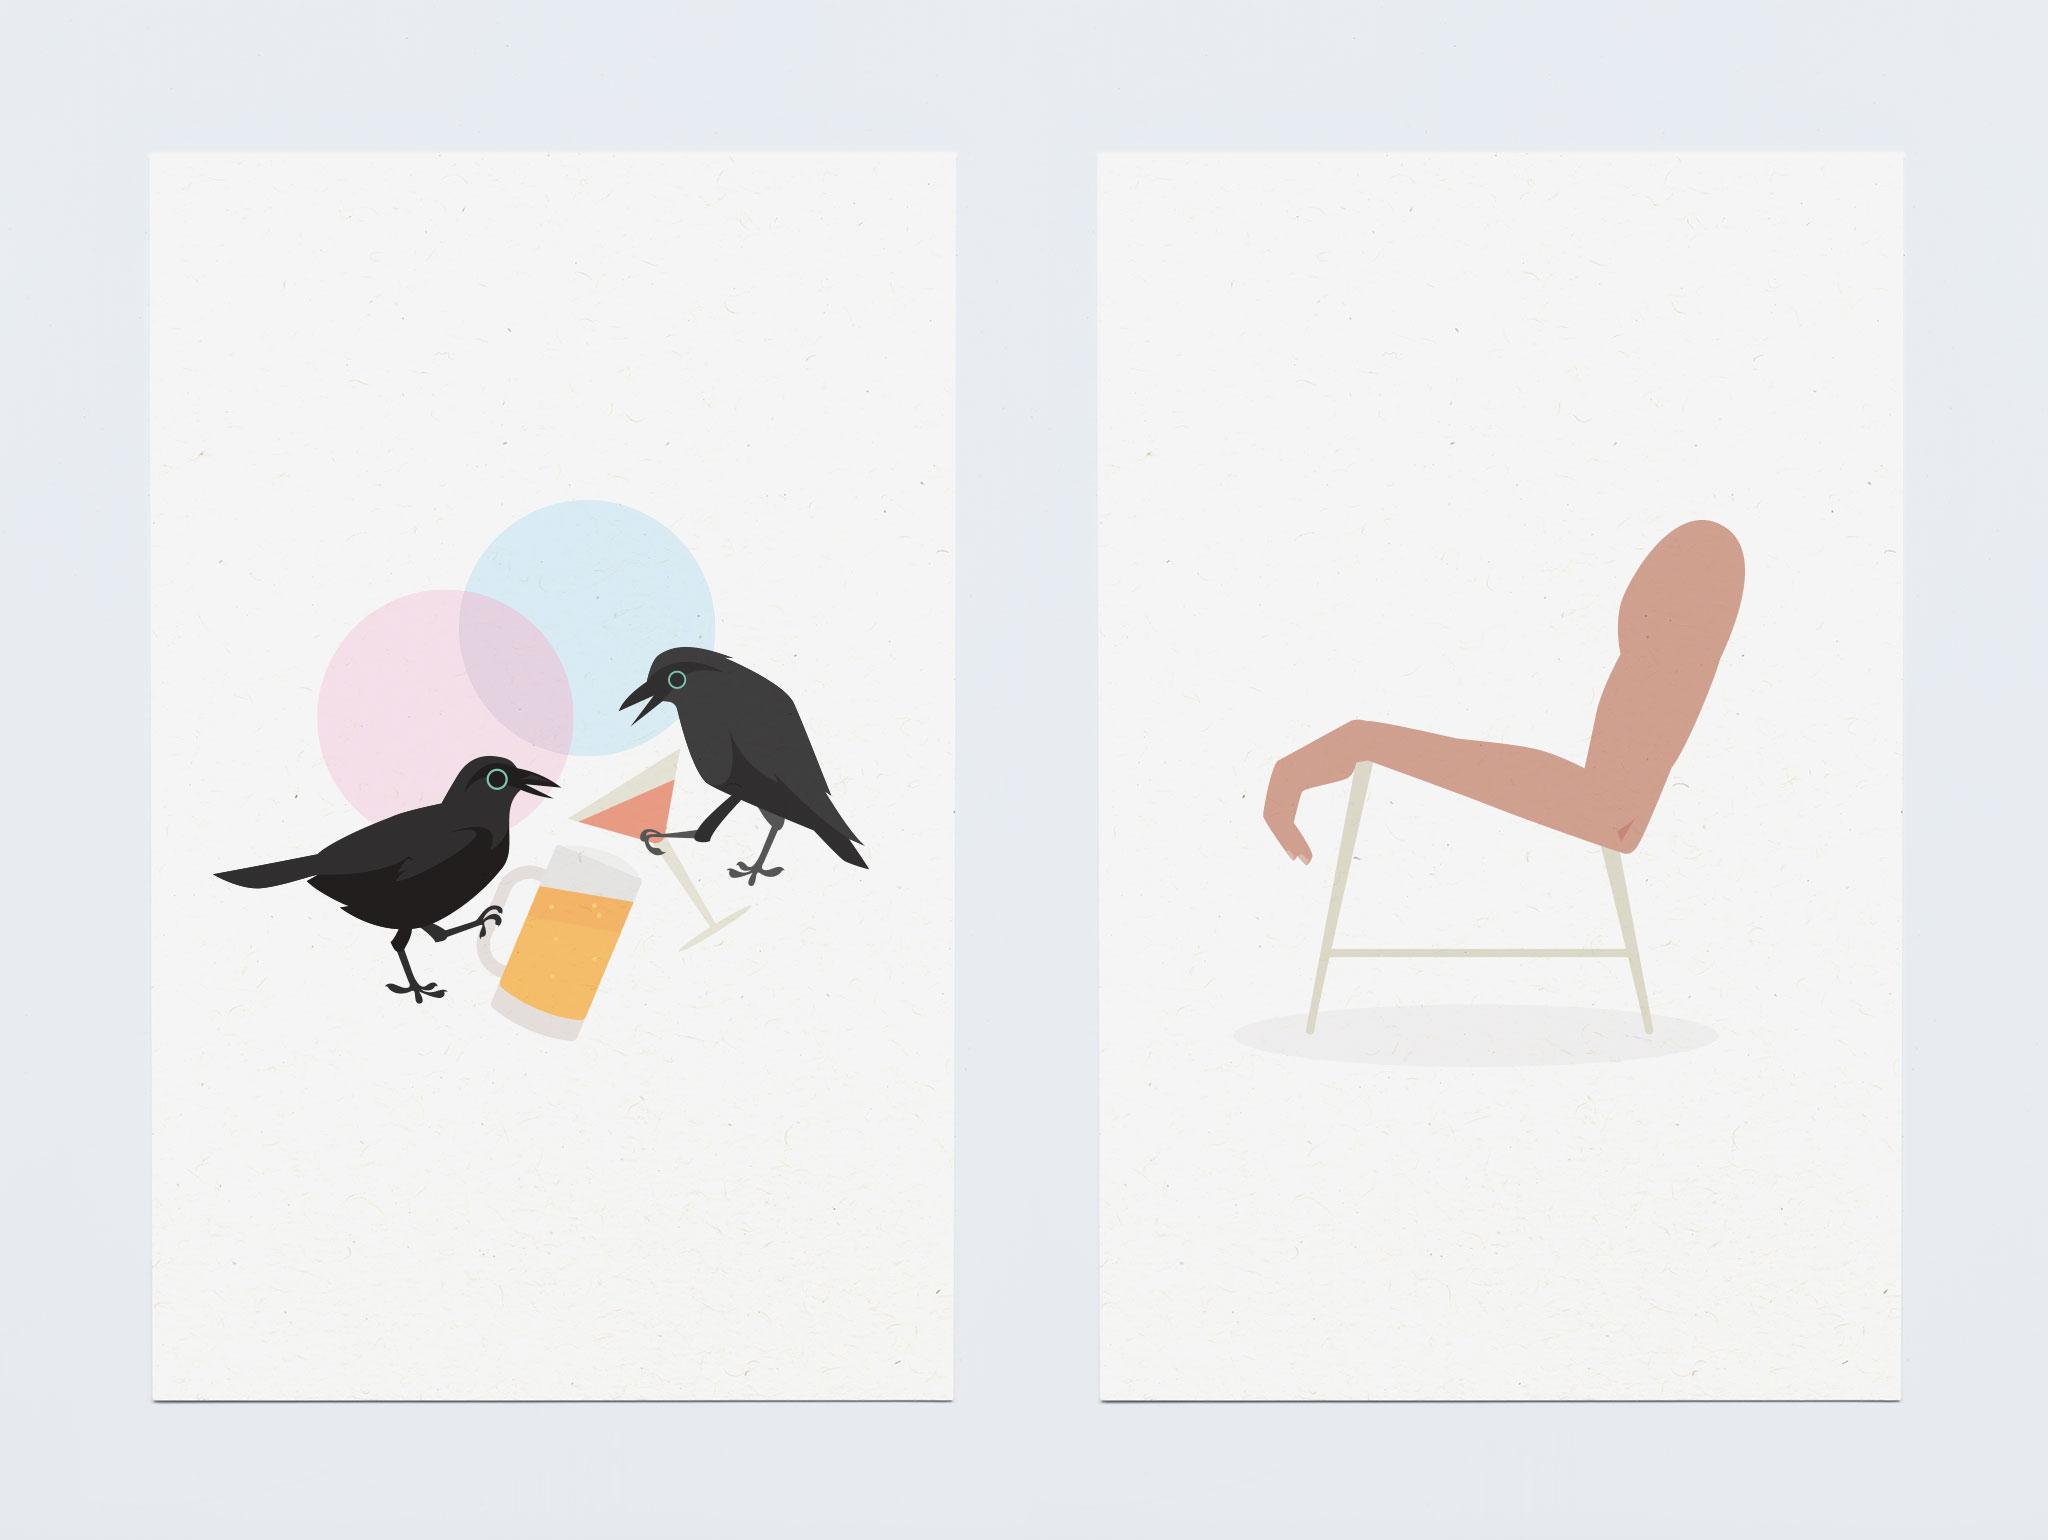 Crowbar & Armchair